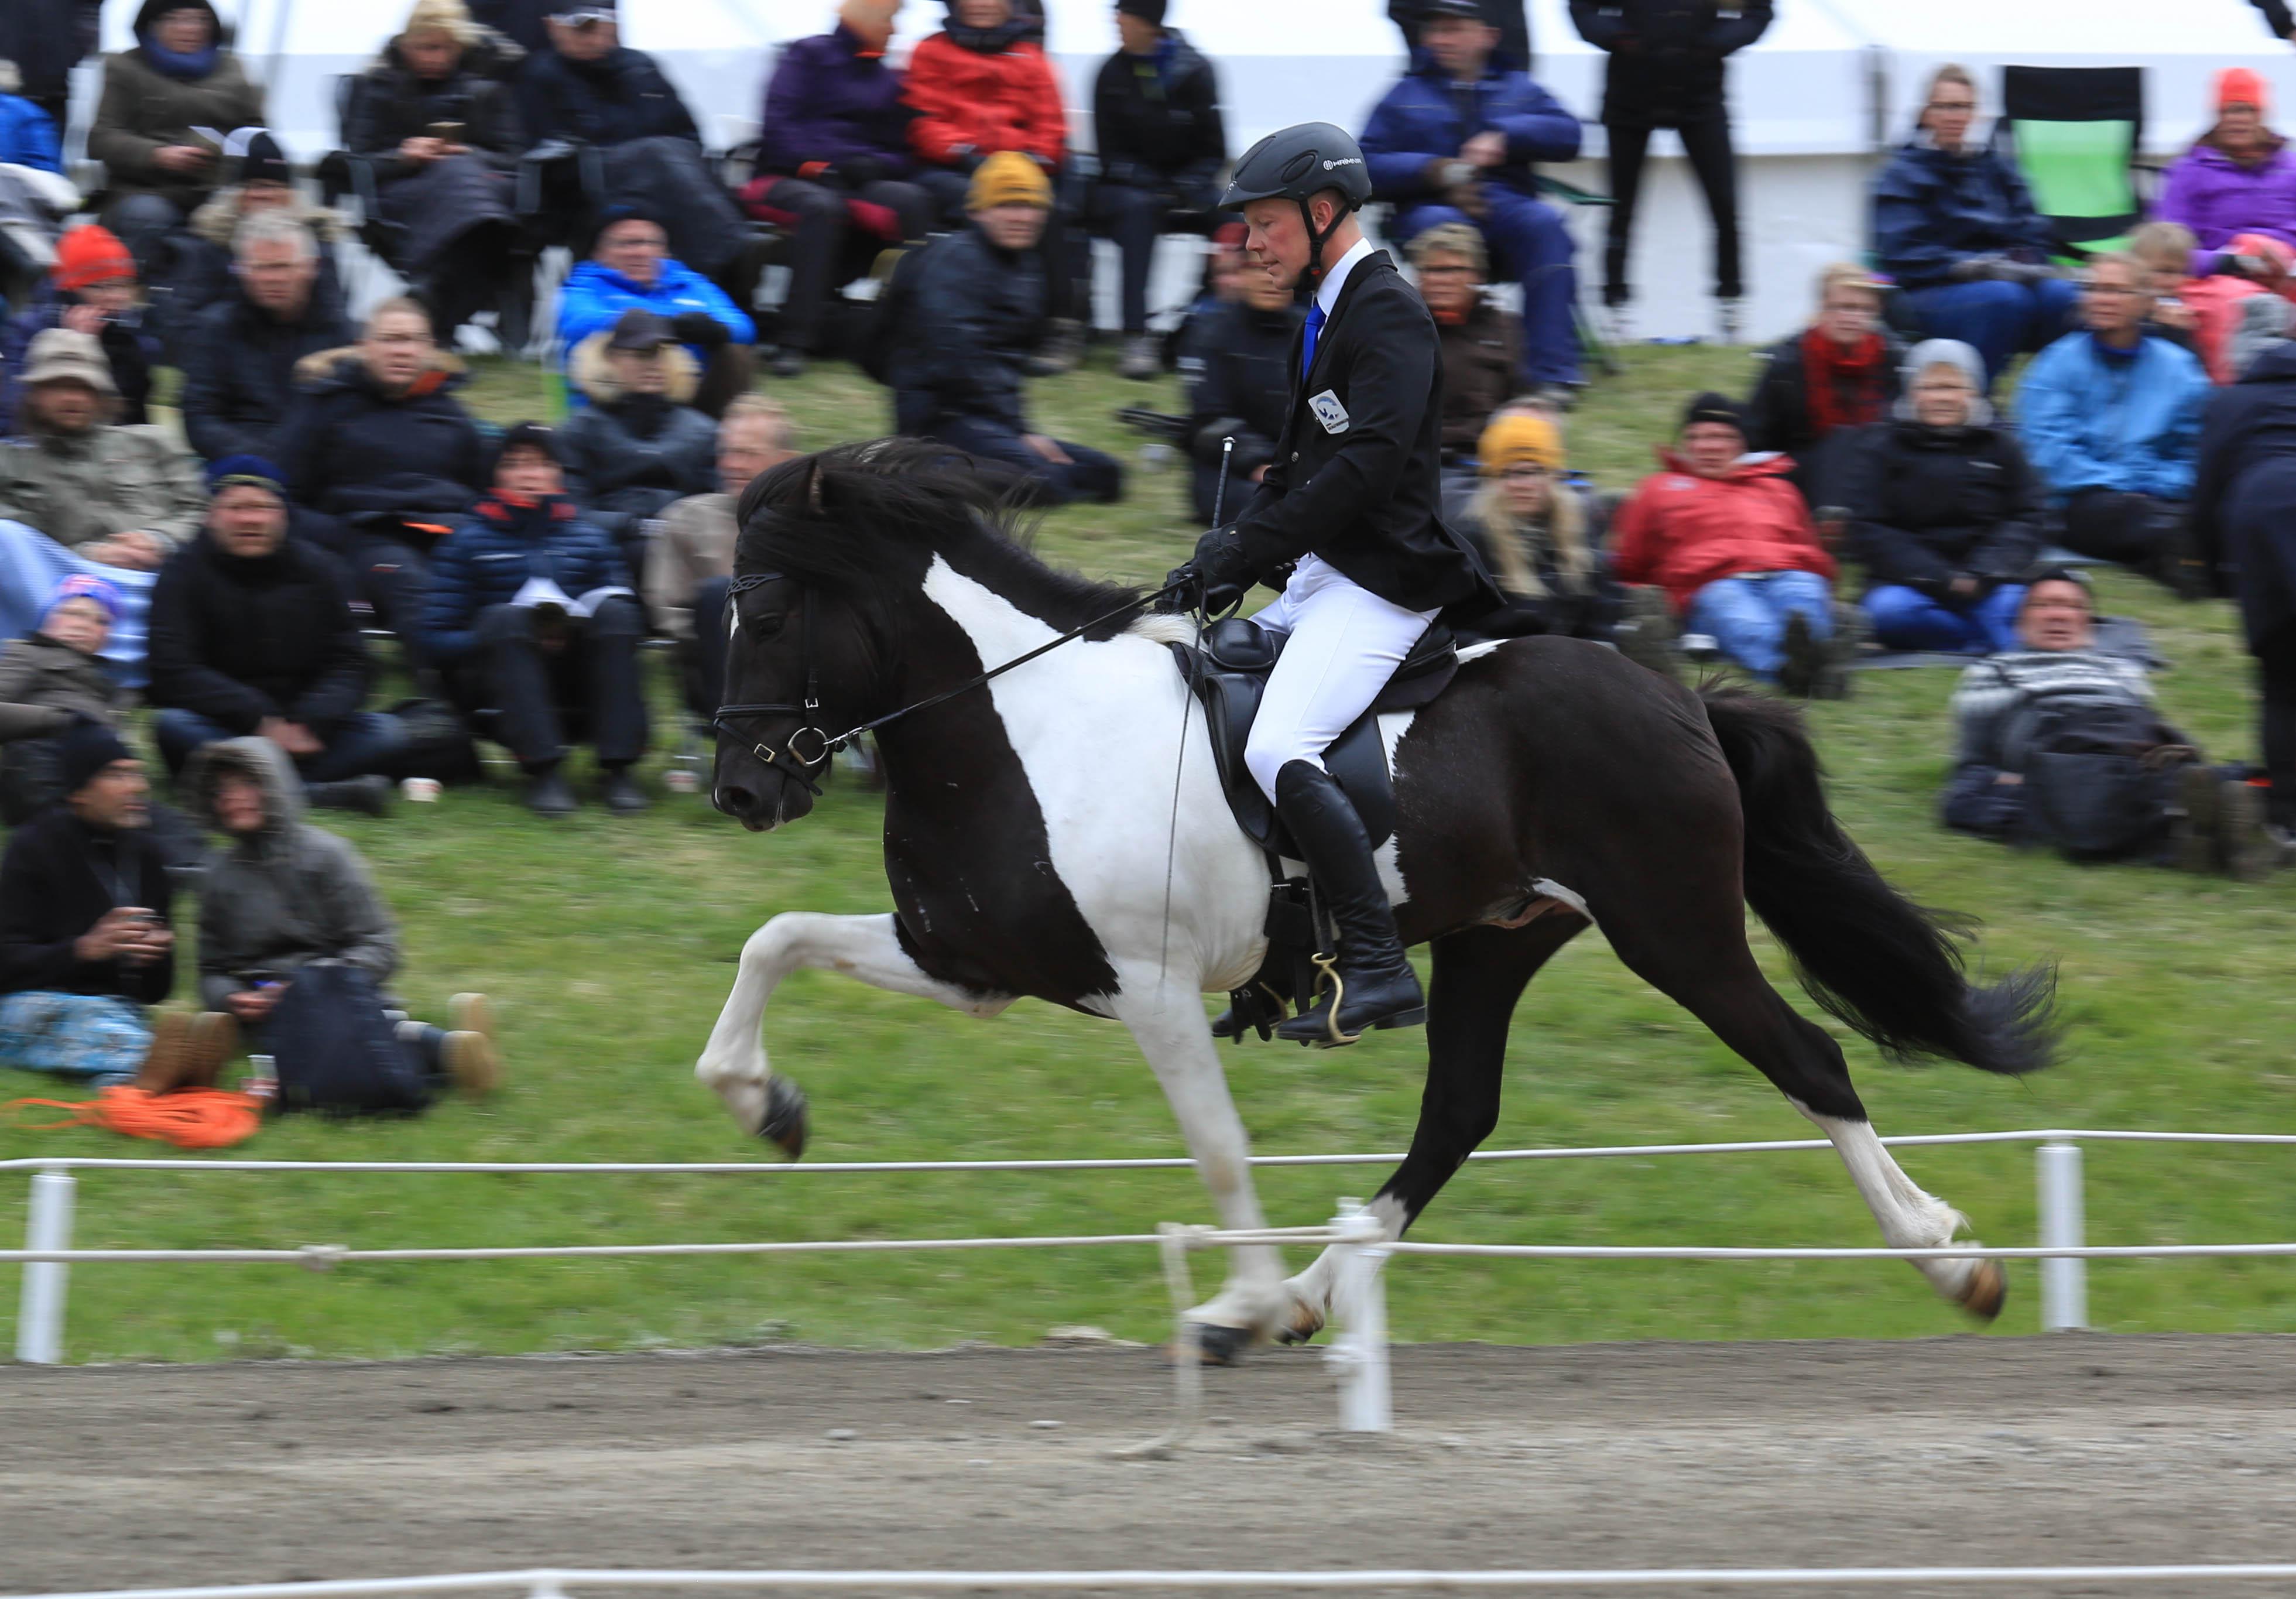 På tredje plats - Þráinn frá Flagbjarnarholti Foto: Yvonne Benzian/ishestnews.se